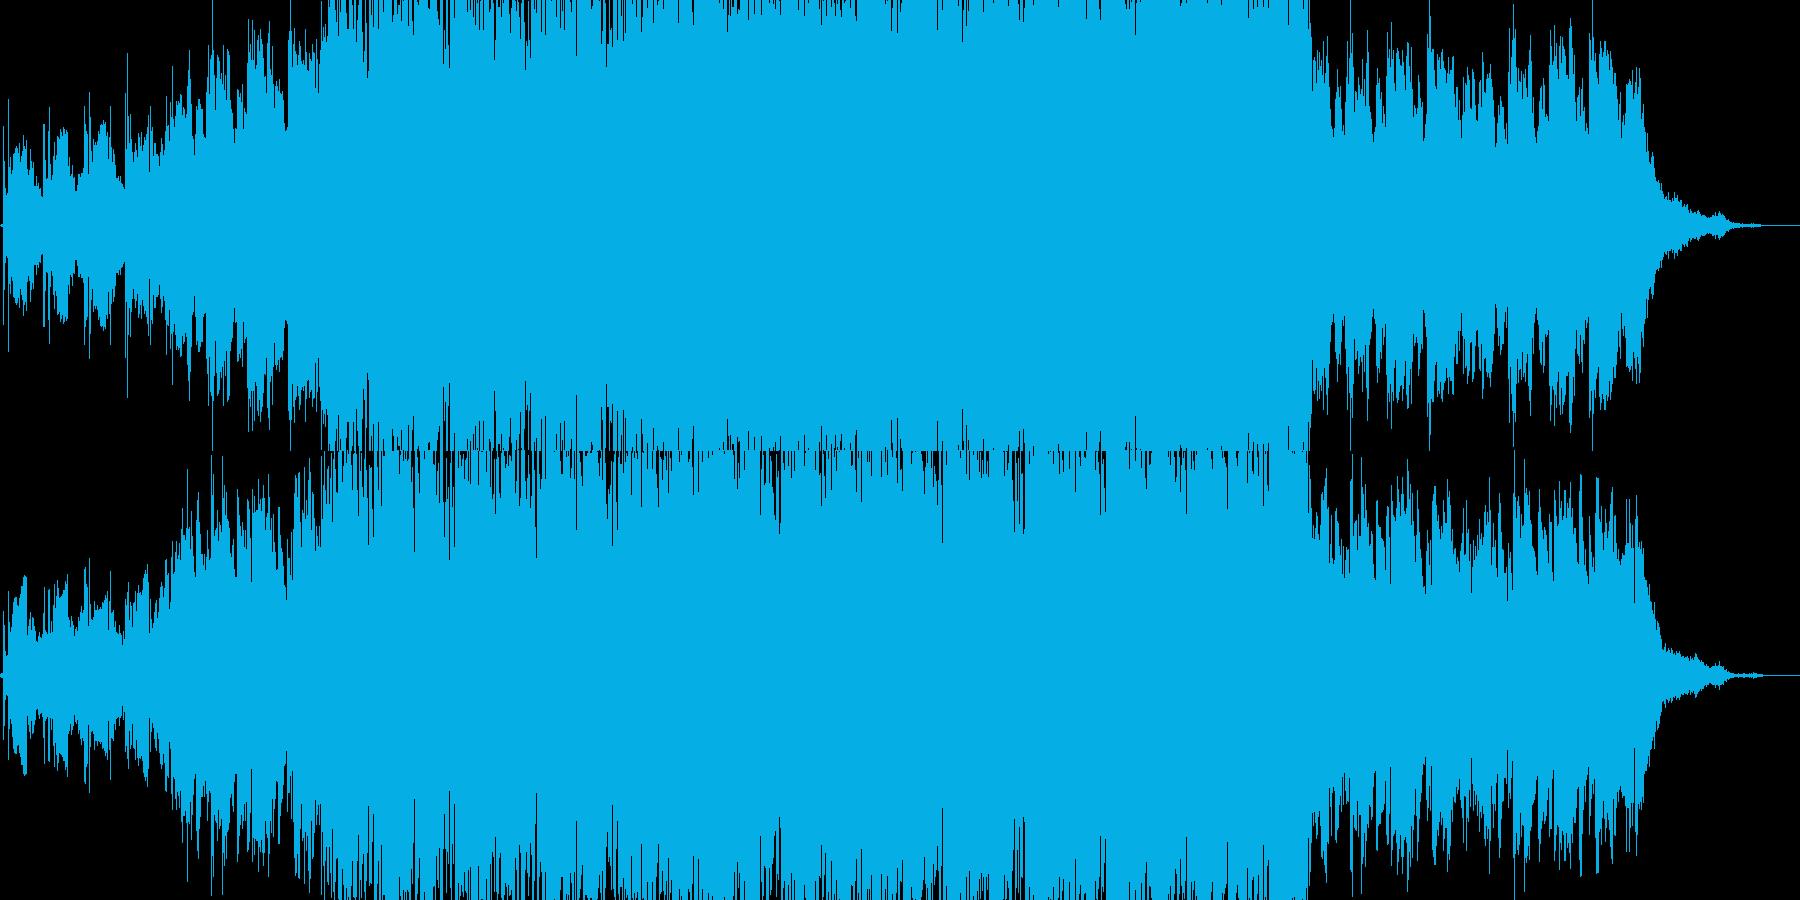 廃退的で悲しげなBGMの再生済みの波形